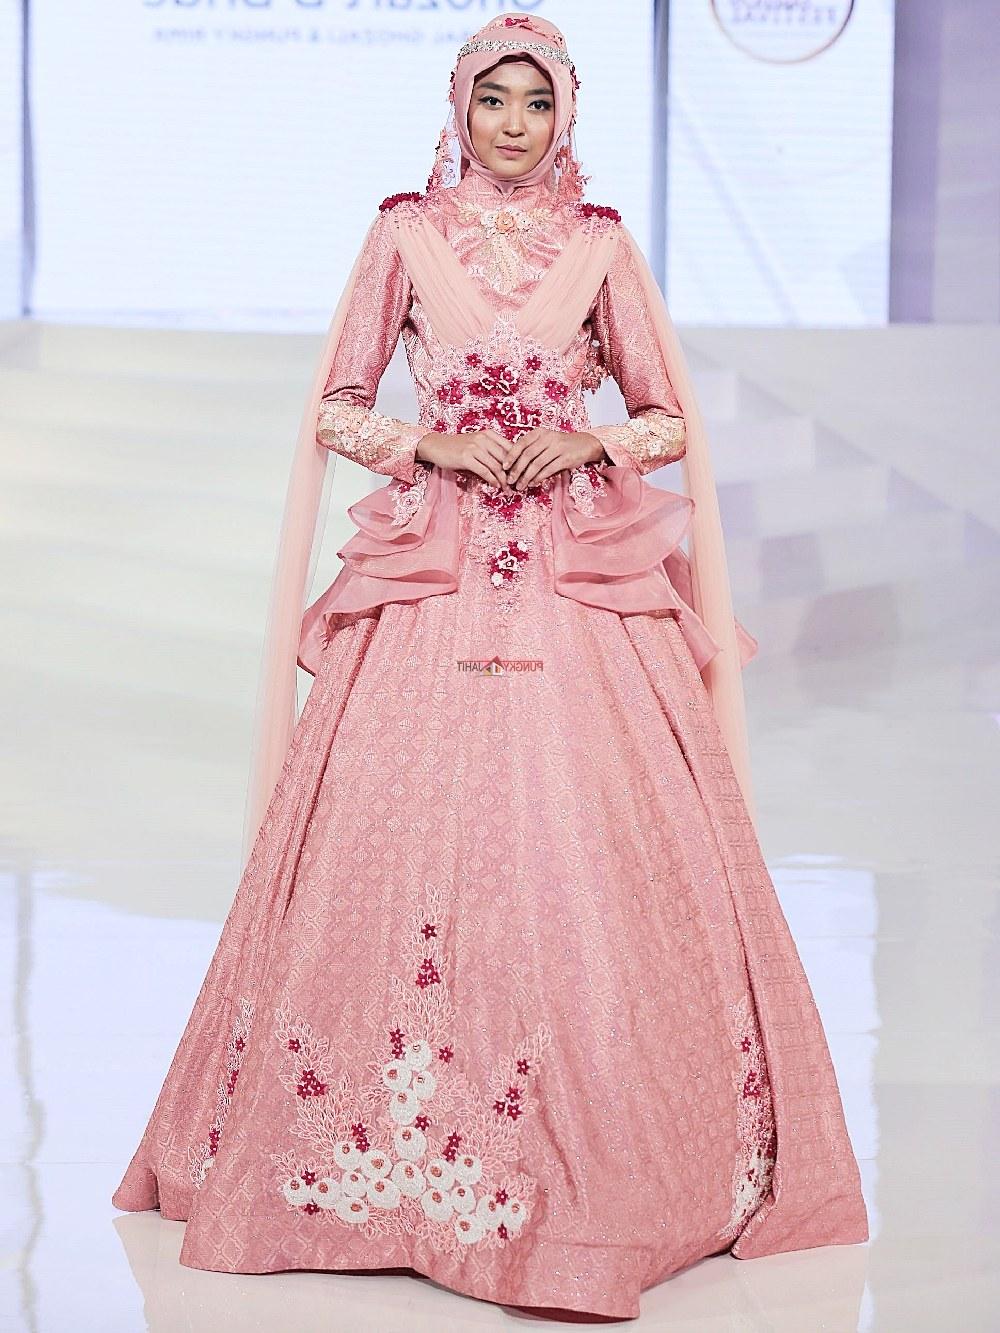 Model Harga Sewa Baju Pengantin Muslimah E9dx Sewa Perdana Baju Pengantin Muslimah Jogja Gaun Pengantin